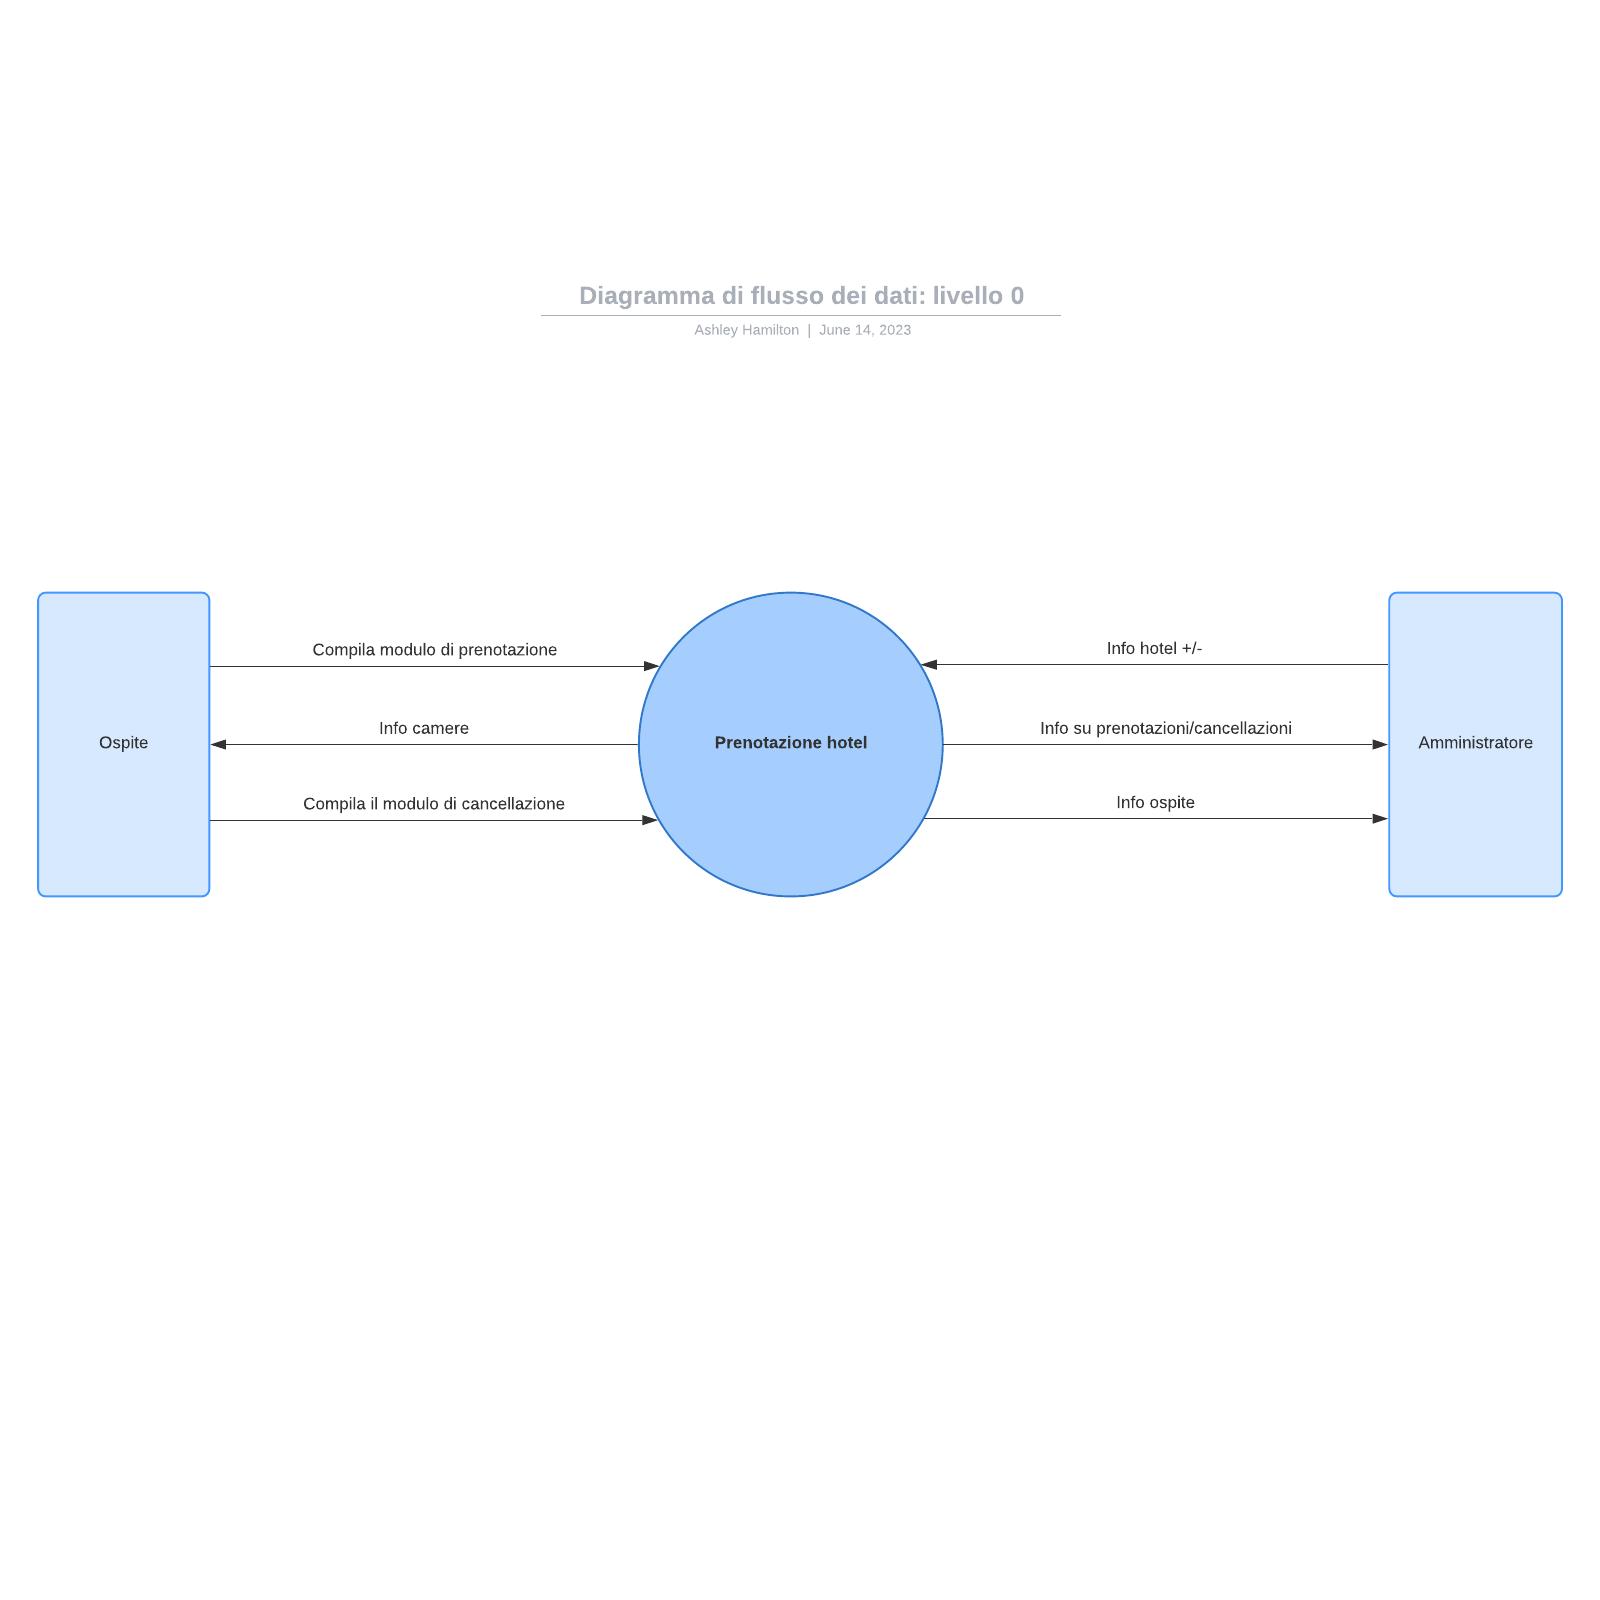 Diagramma di flusso dei dati: livello 0